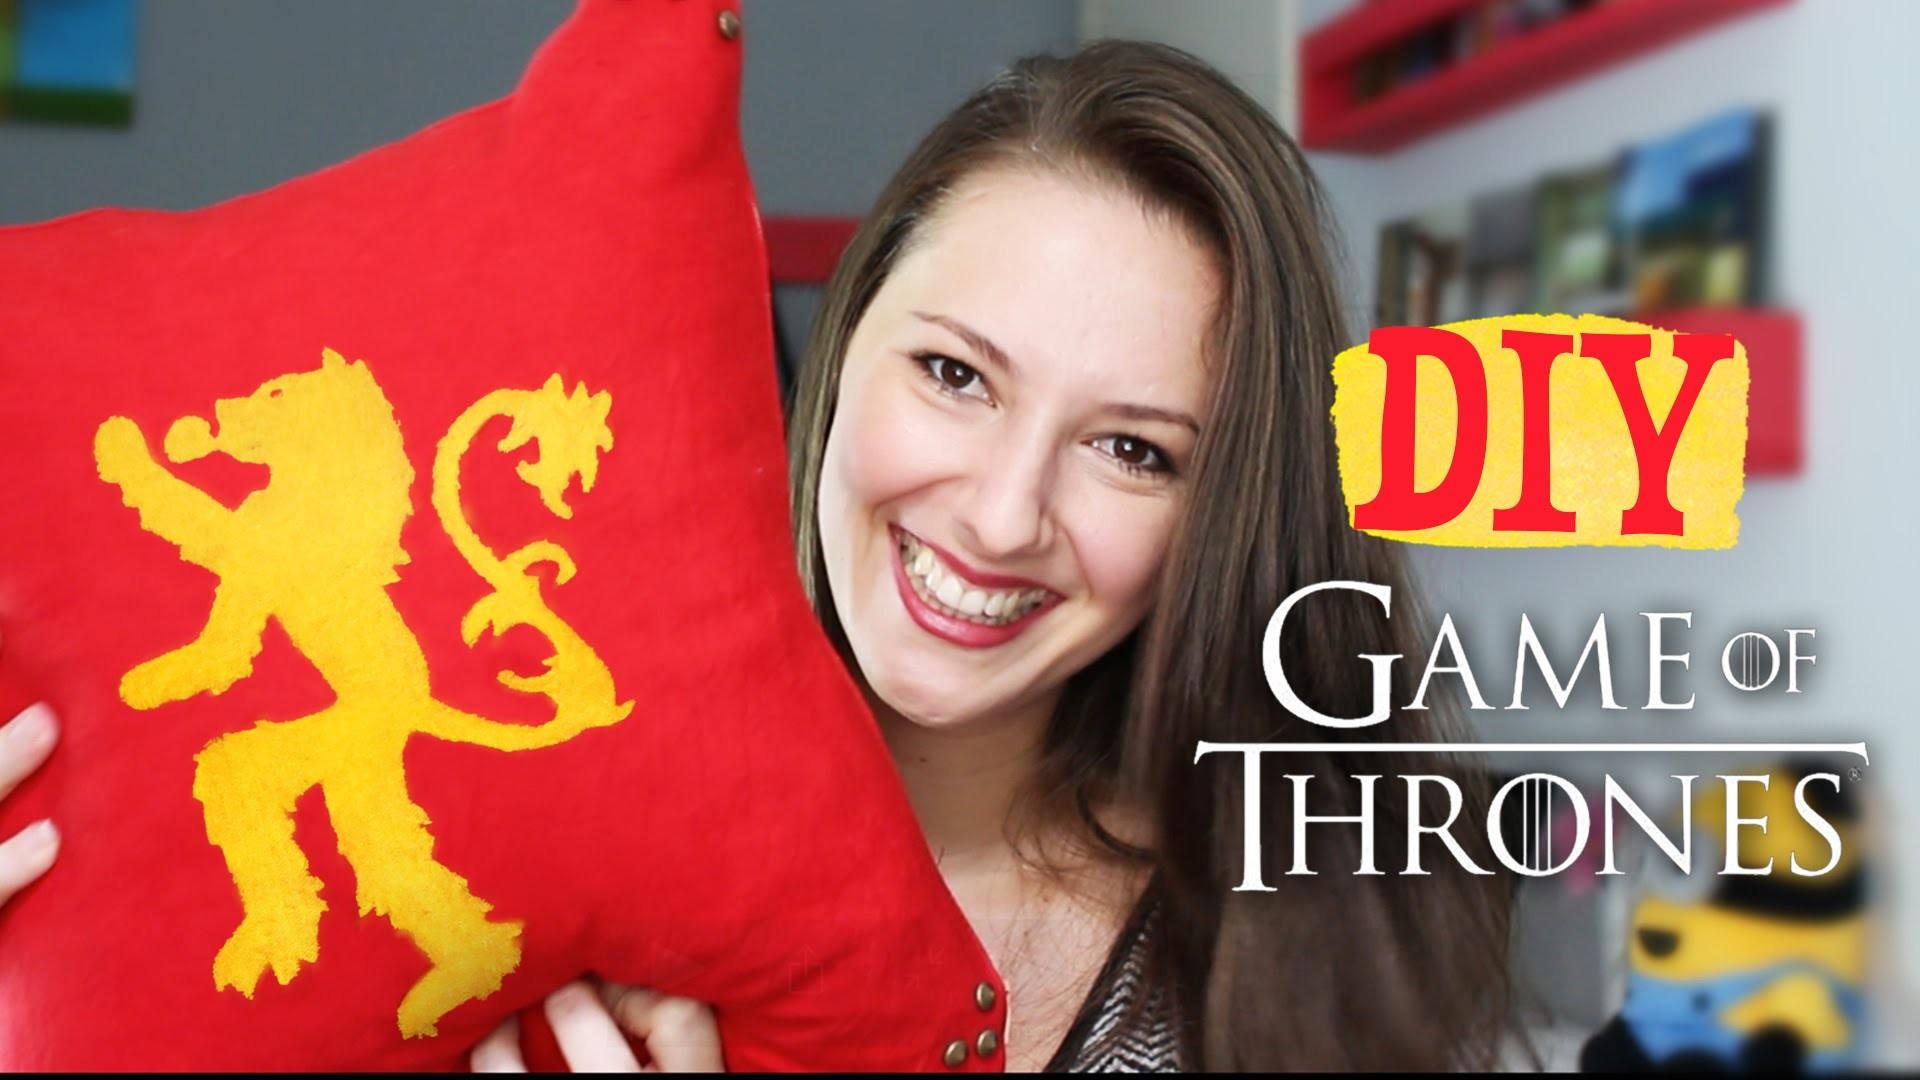 DIY - Almofadas Game of Thrones